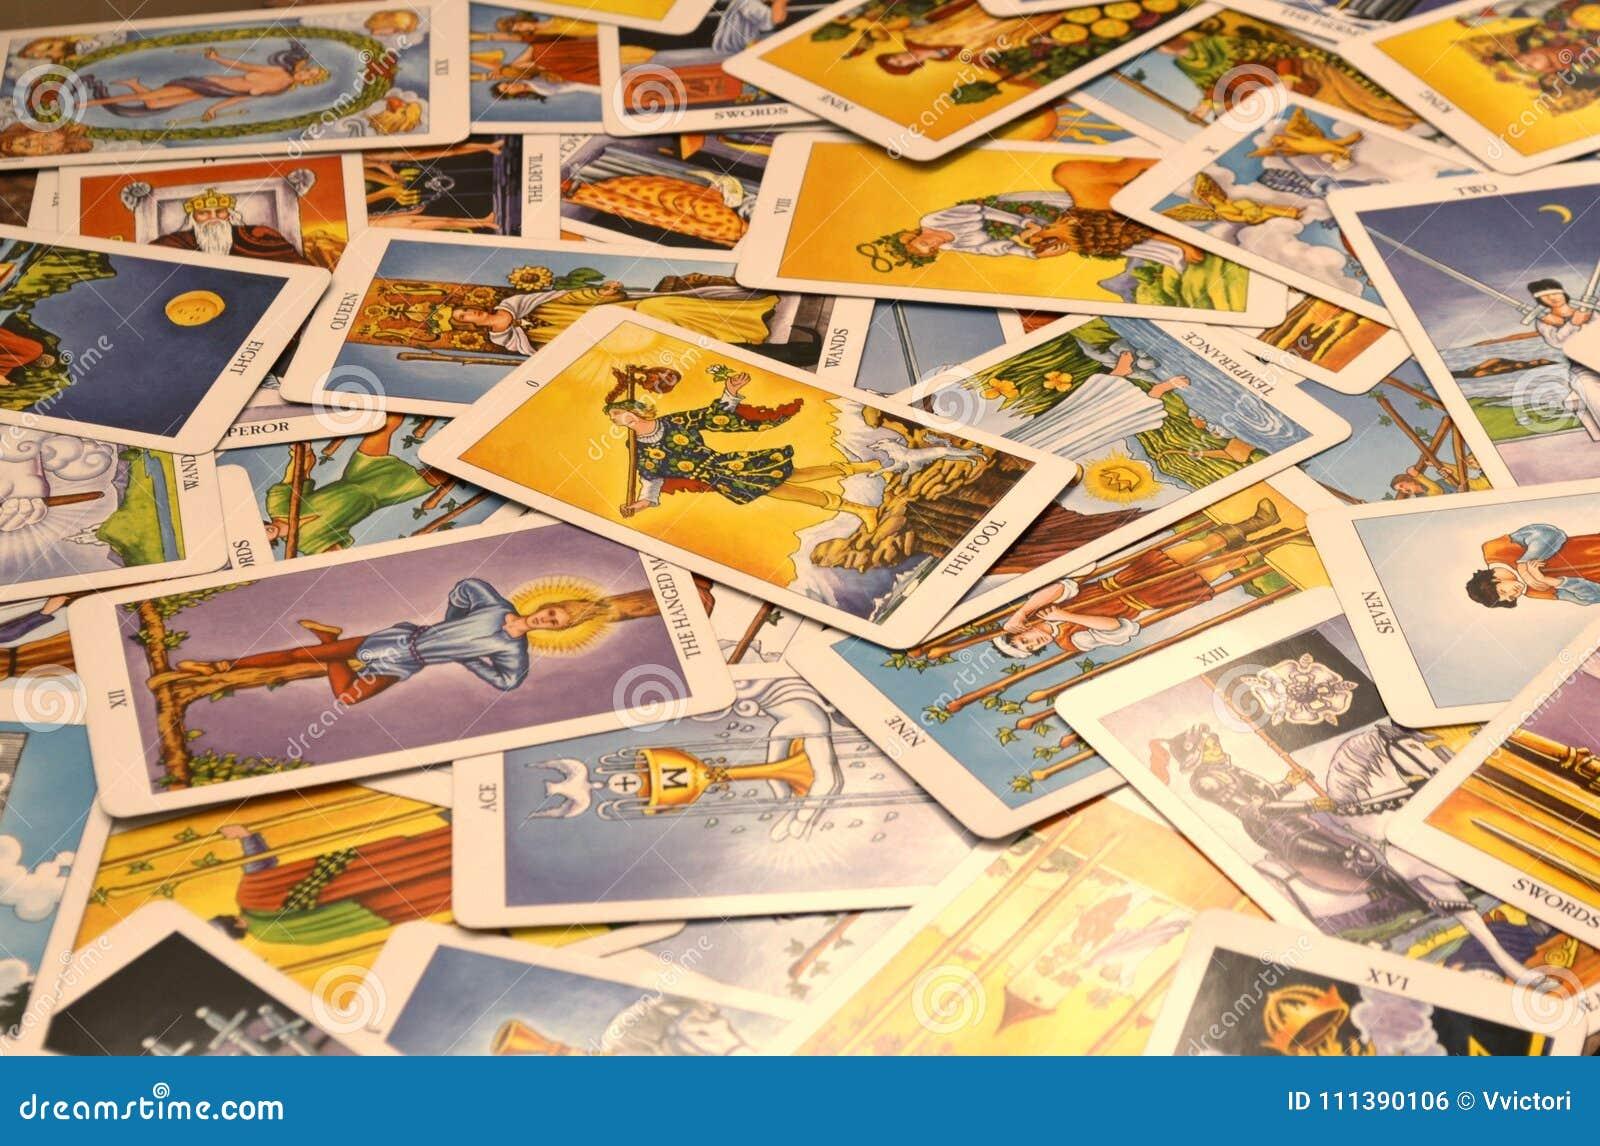 占卜用的纸牌78张卡片倍数卡片